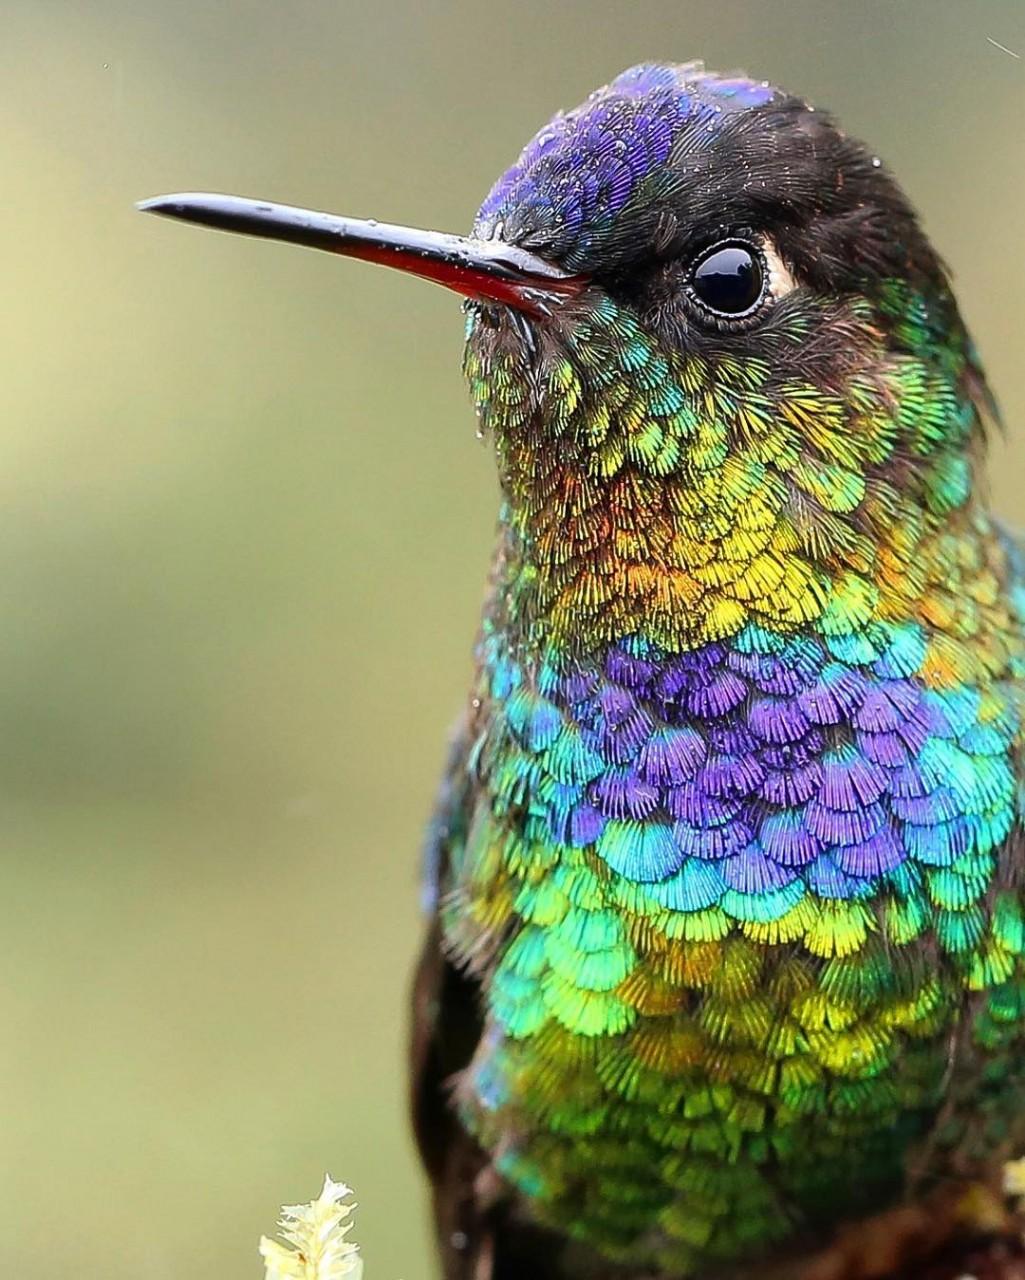 поклонница картинки красочных птиц финале статья википедии